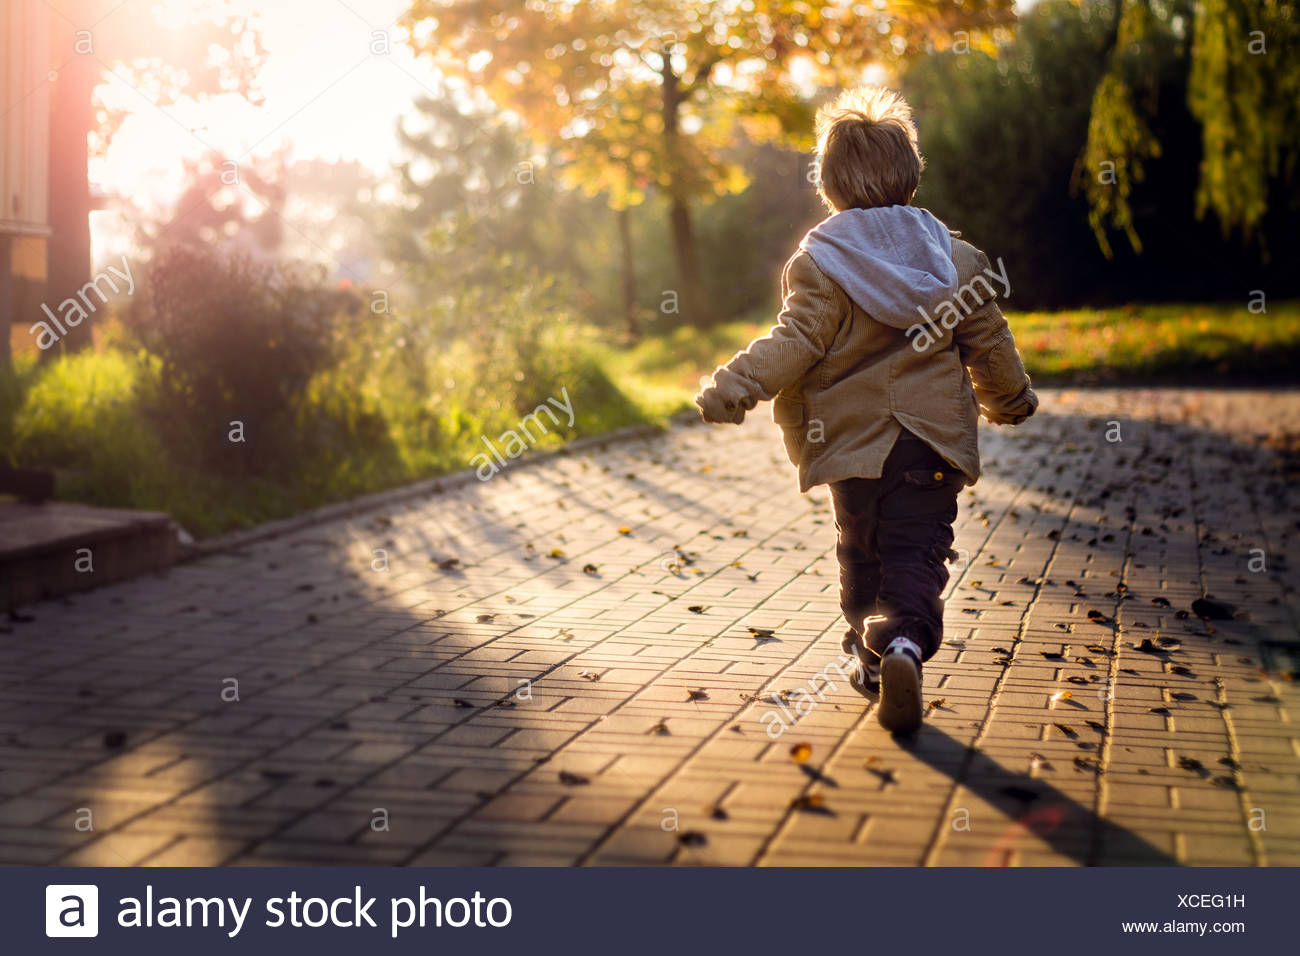 Boy running towards rising sun - Stock Image